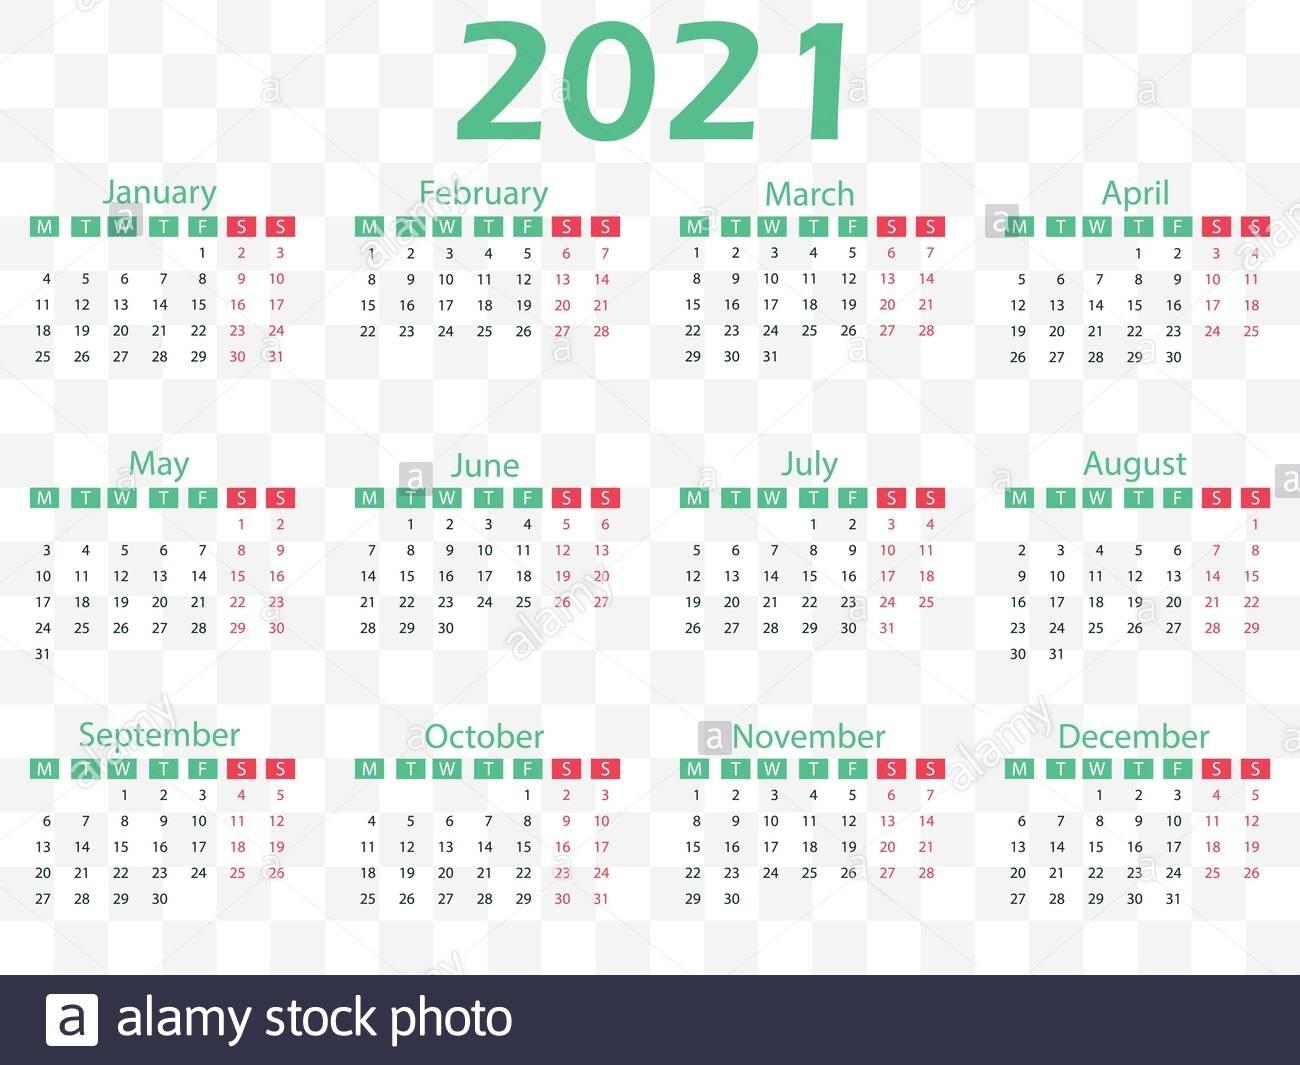 Calendario 2021 Fotos E Imágenes De Stock - Alamy